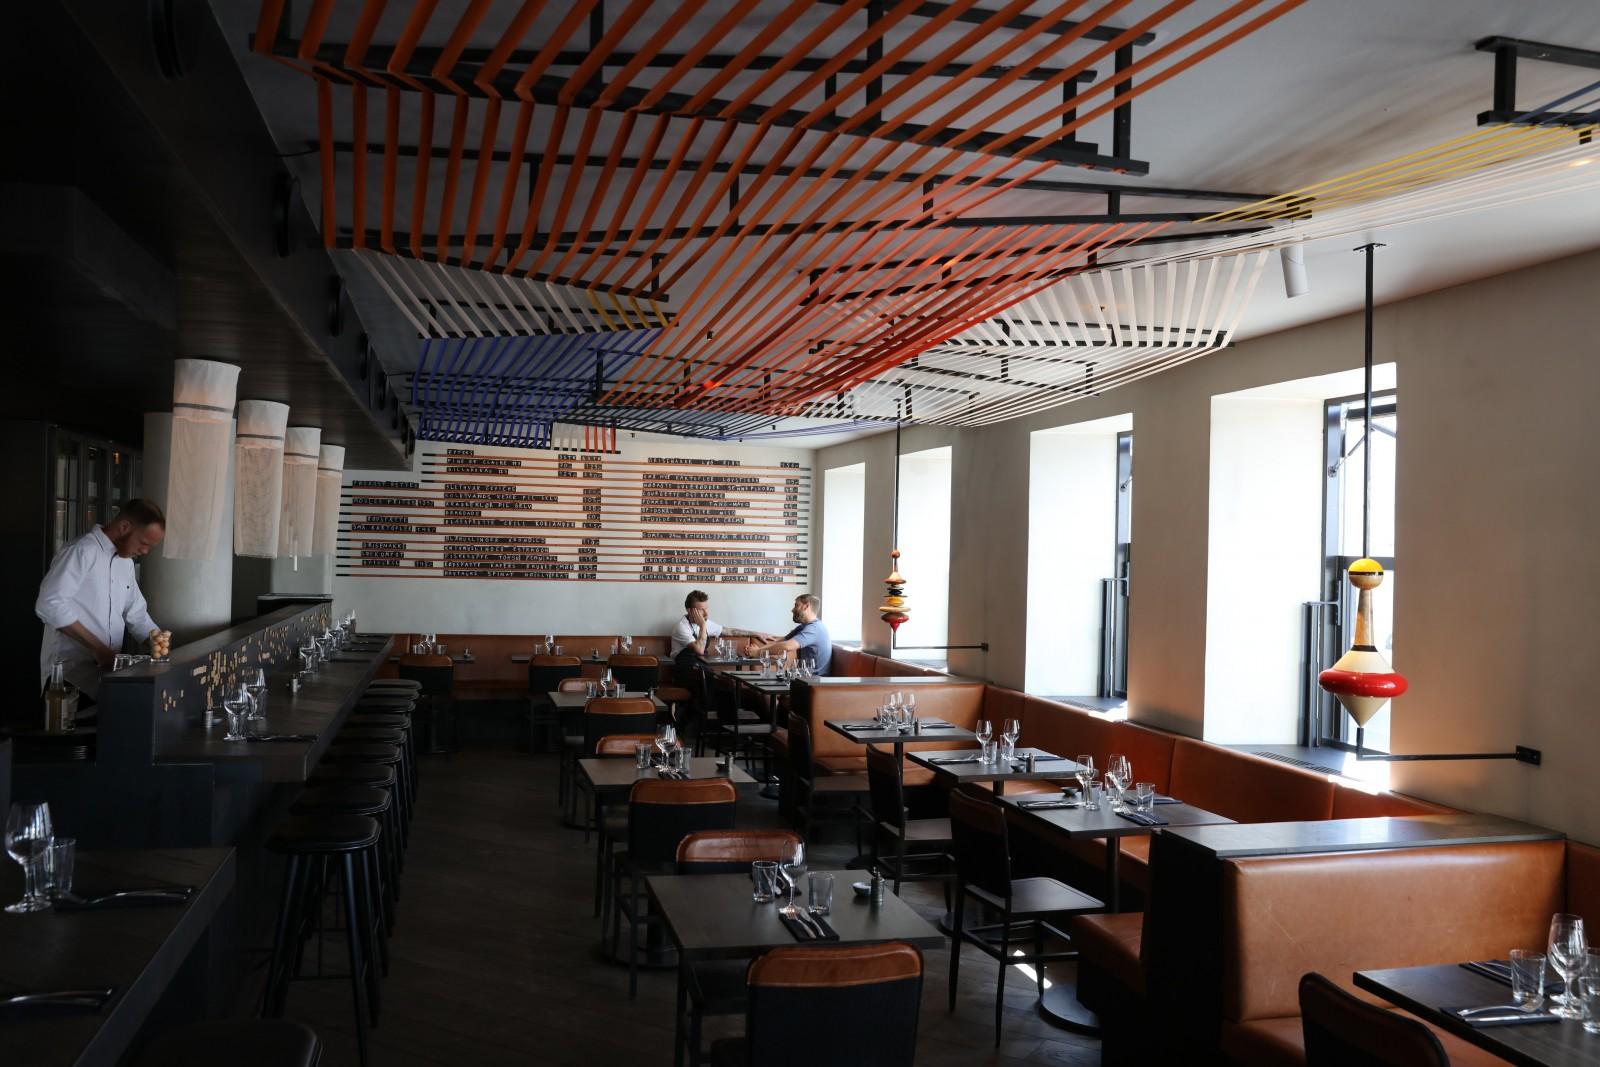 <h1>Restaurant Musling får kunstudsmykning</h1><h4>Belysning af kunst installation inden - og udendørs</h4>